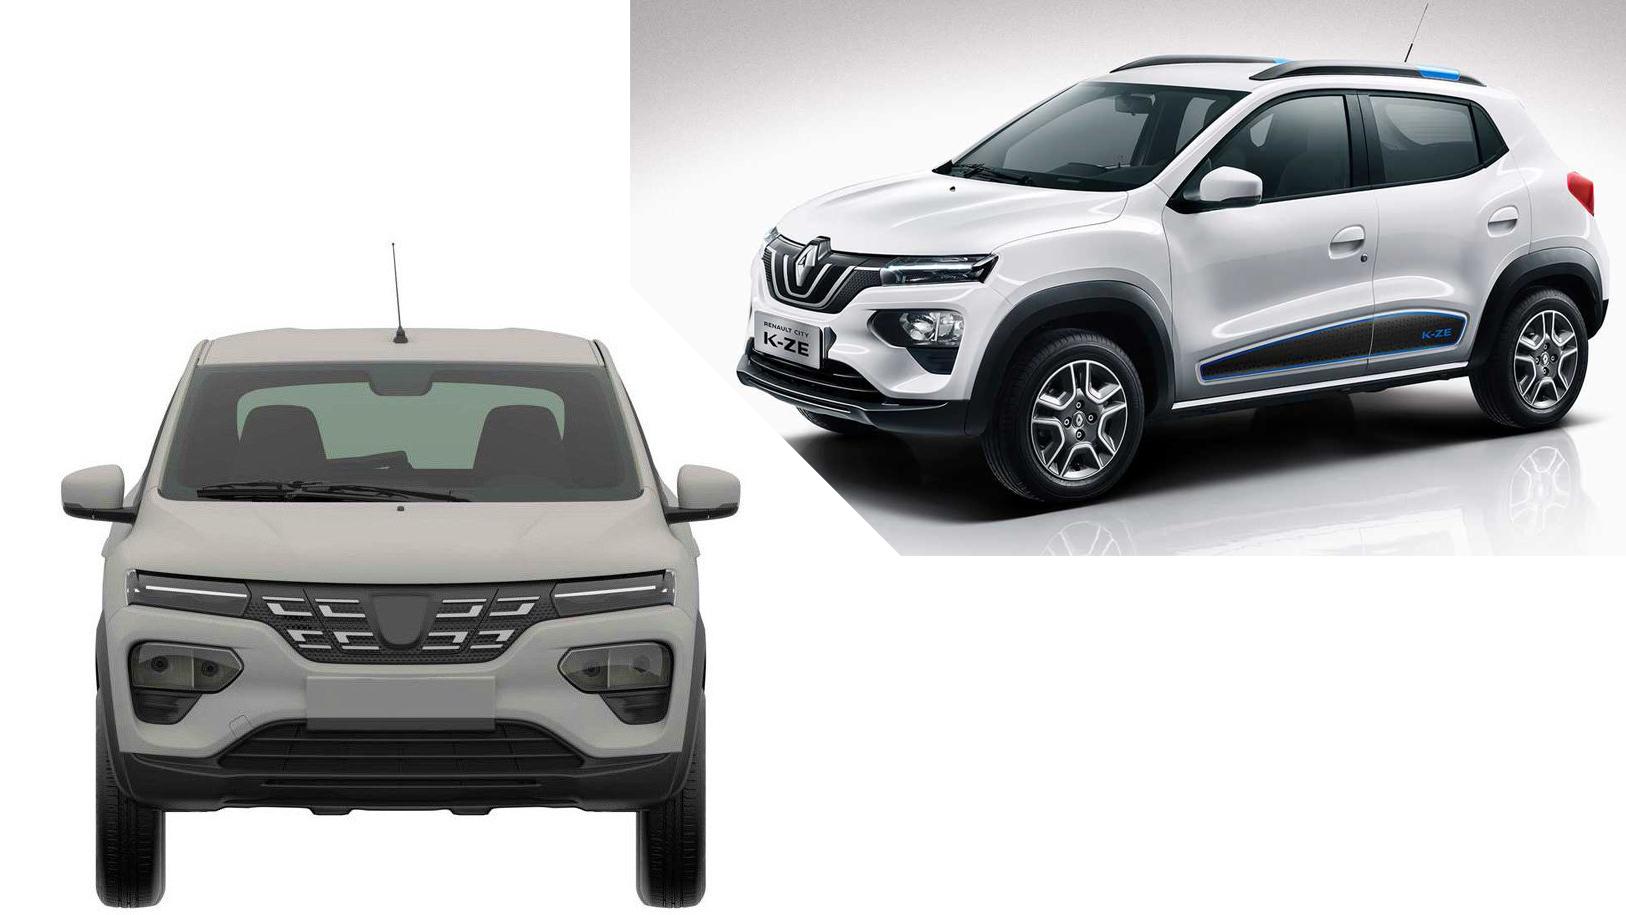 Dacia-Spring-Renault-K-Ze-fata